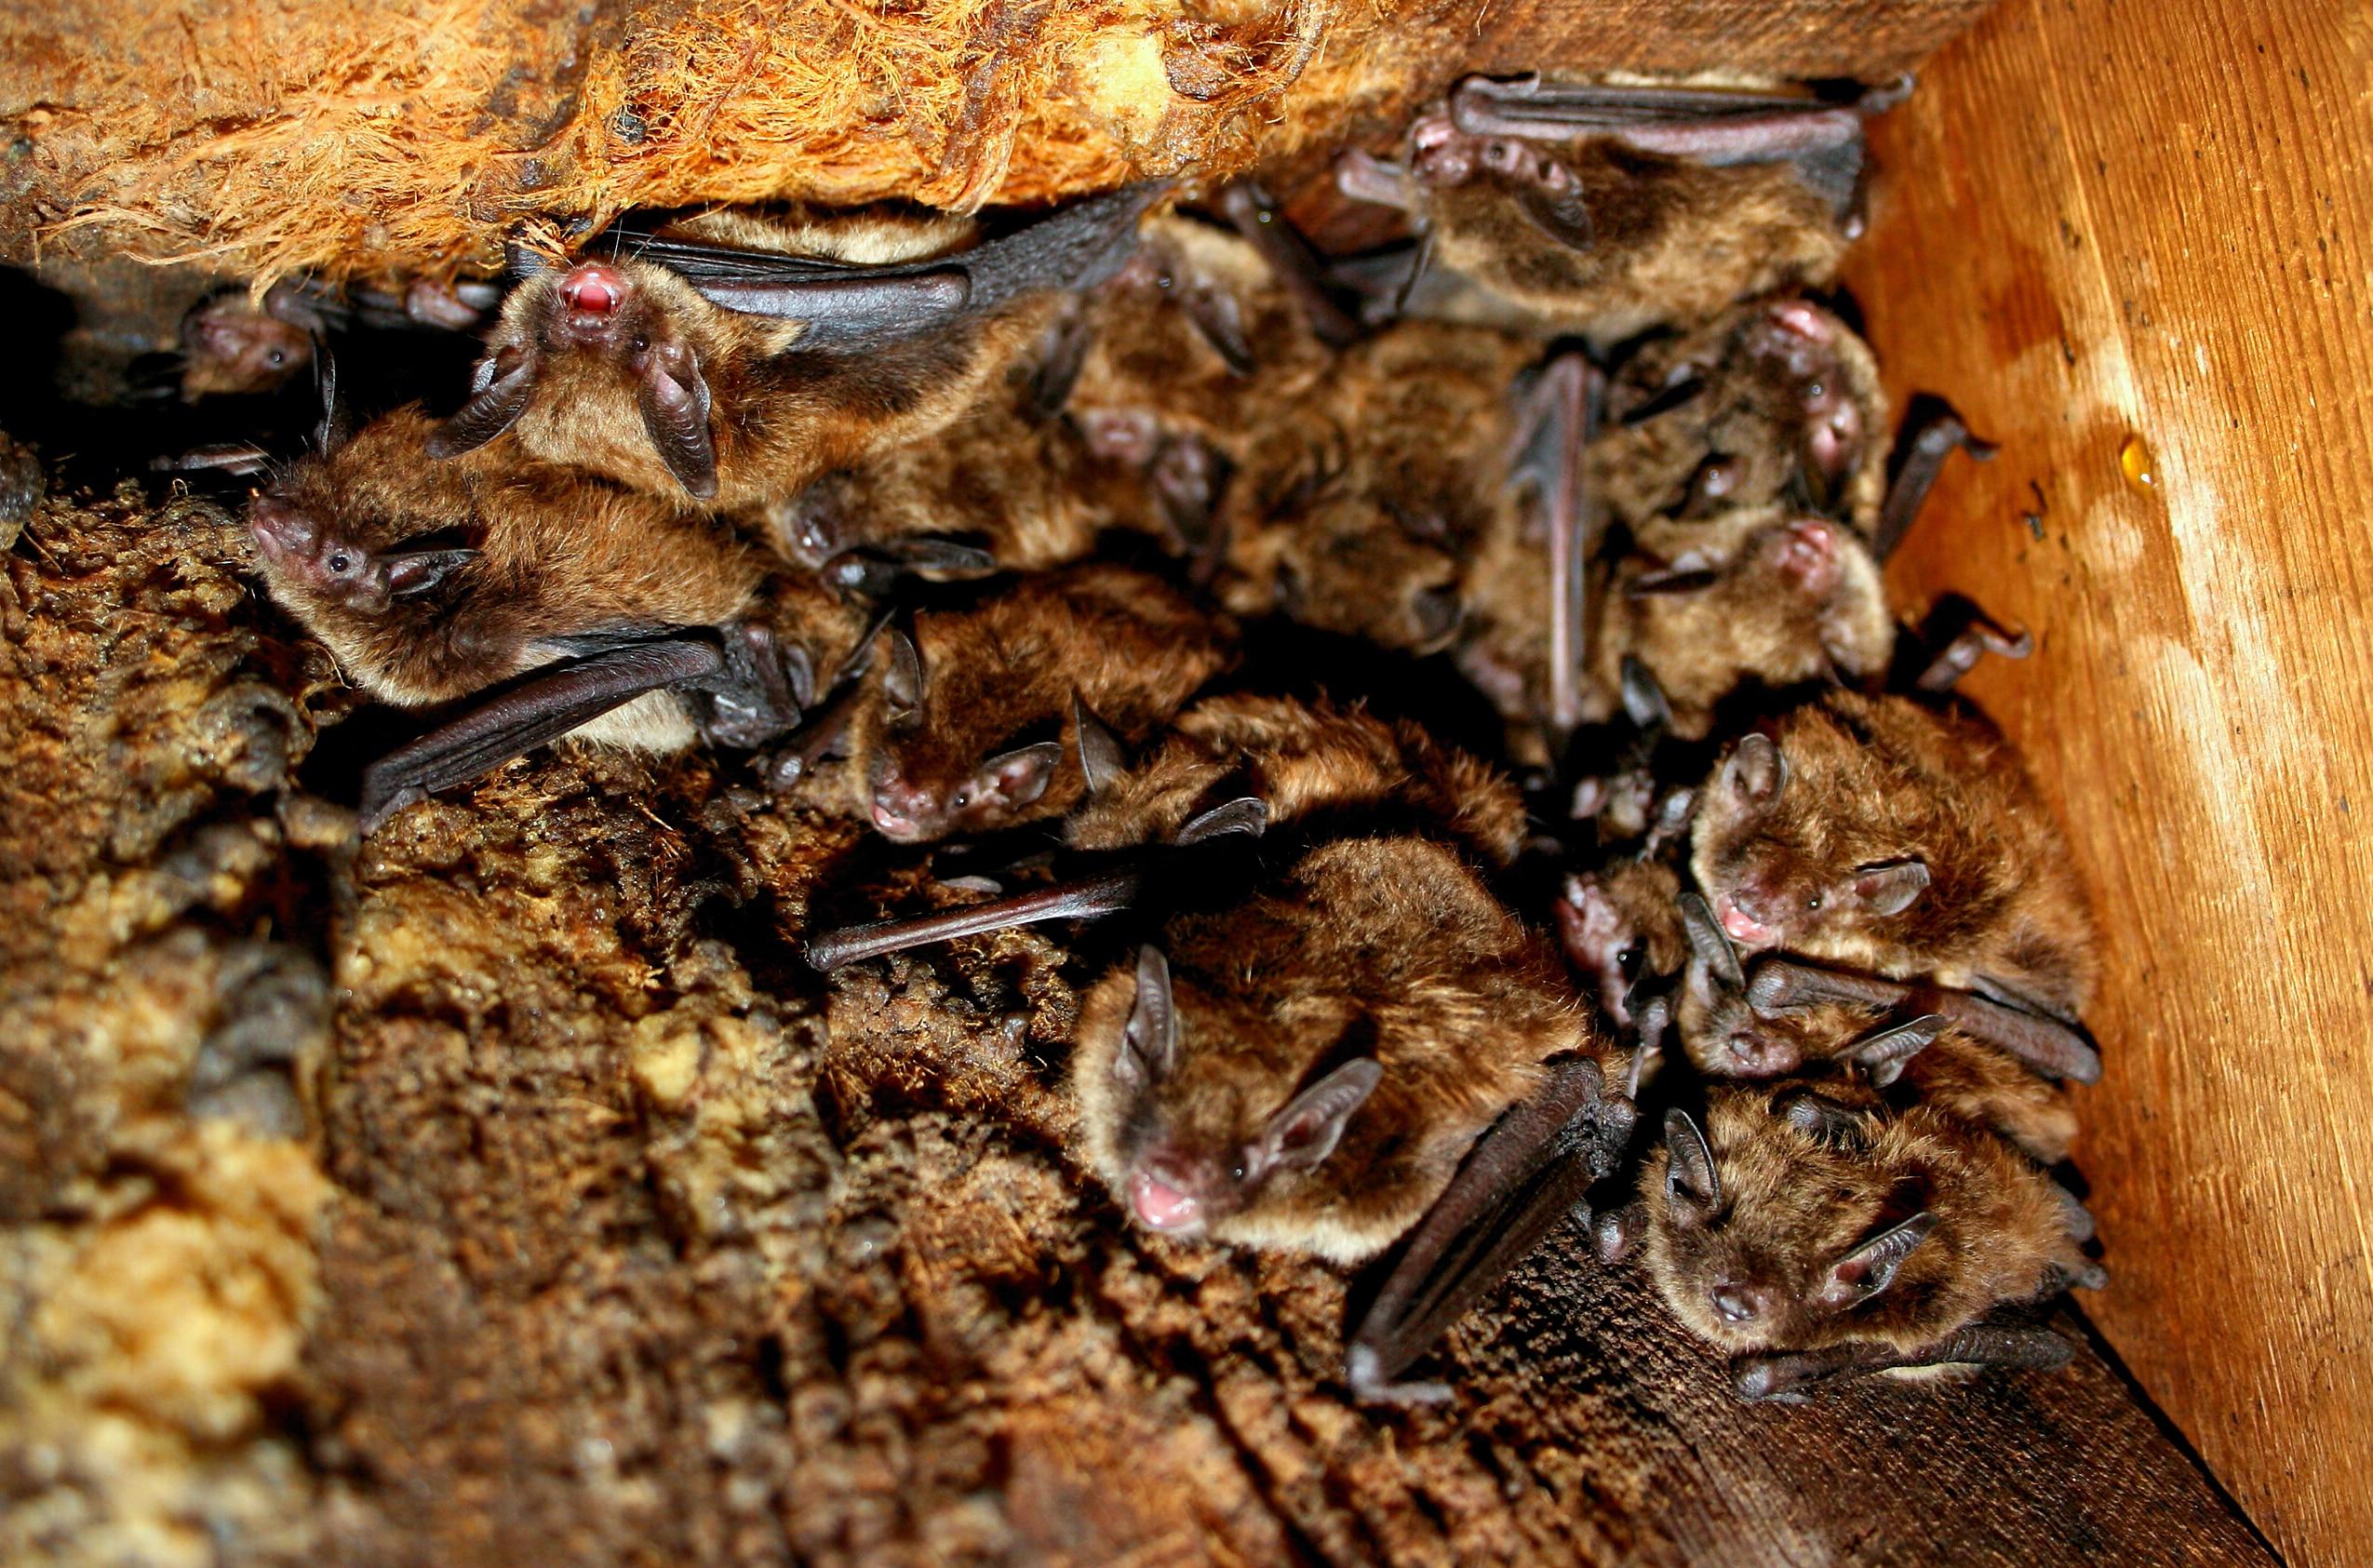 Little brown bats in an attic.